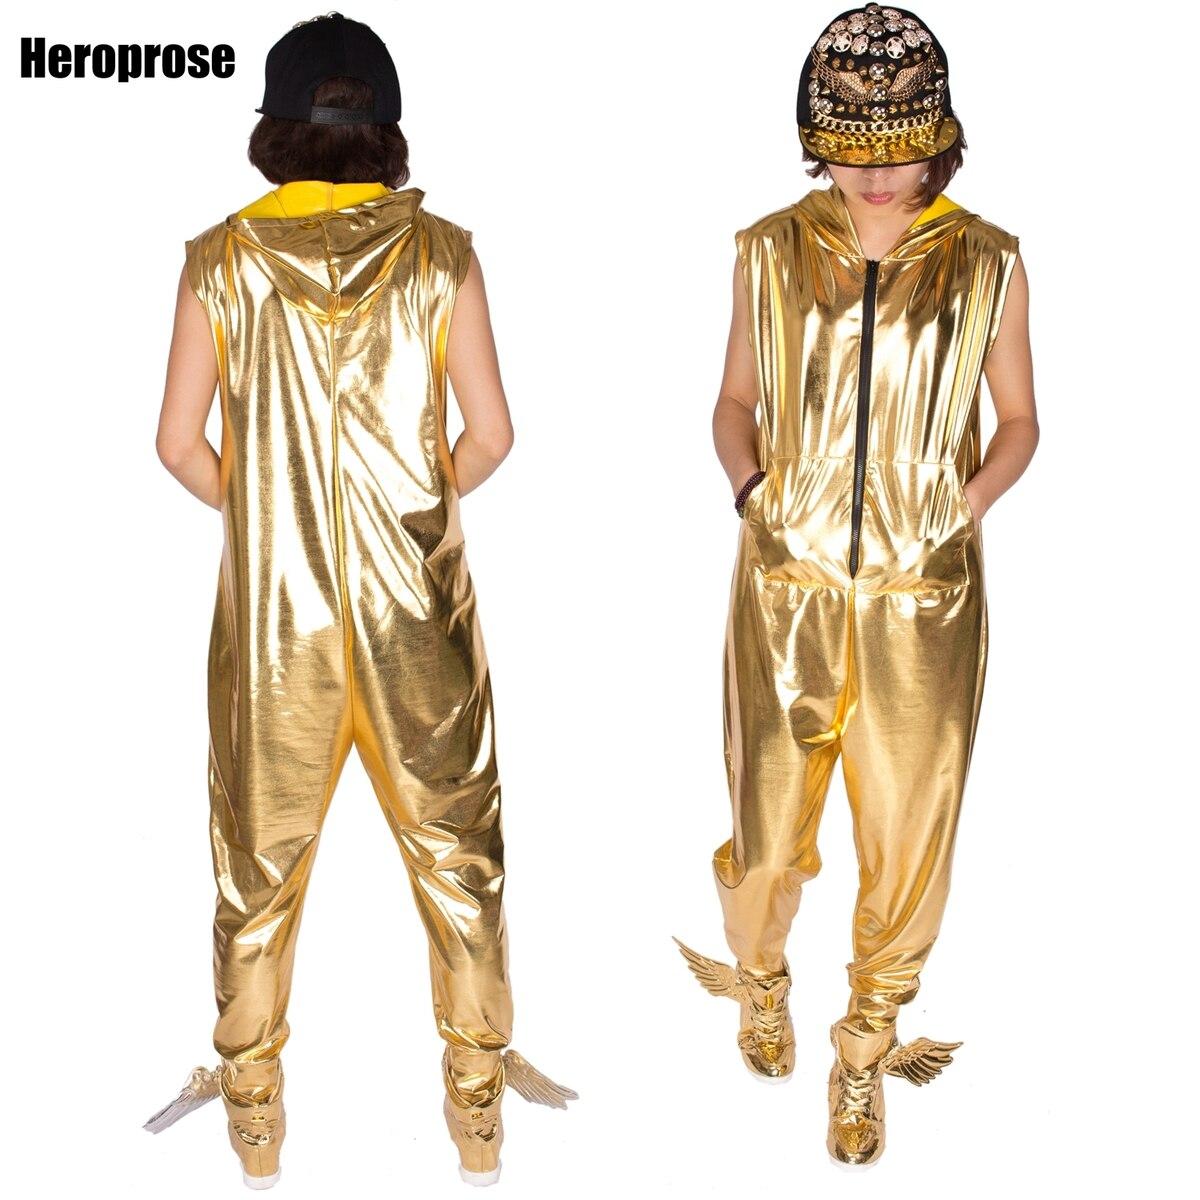 Nová módní hip hopová taneční představení s kostýmem evropské volné zlato světlé barvy jazzové kombinézy Camouflage one piece Pants